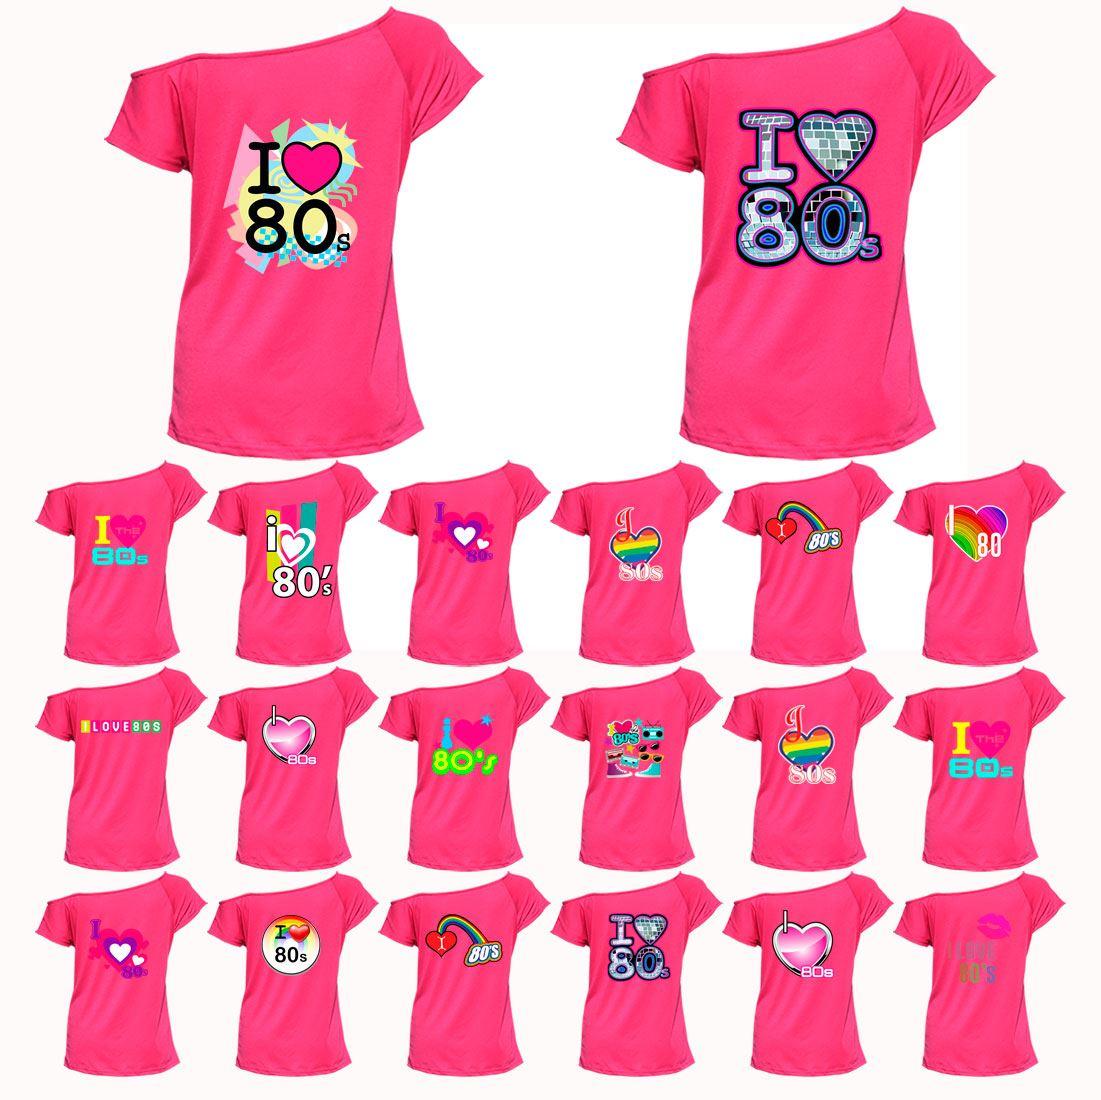 e2a0d6eebbd700 Ladies I Love 80s Top T-shirt Pop Star Retro Fancy Dress Party Womens Tees  ®Lot